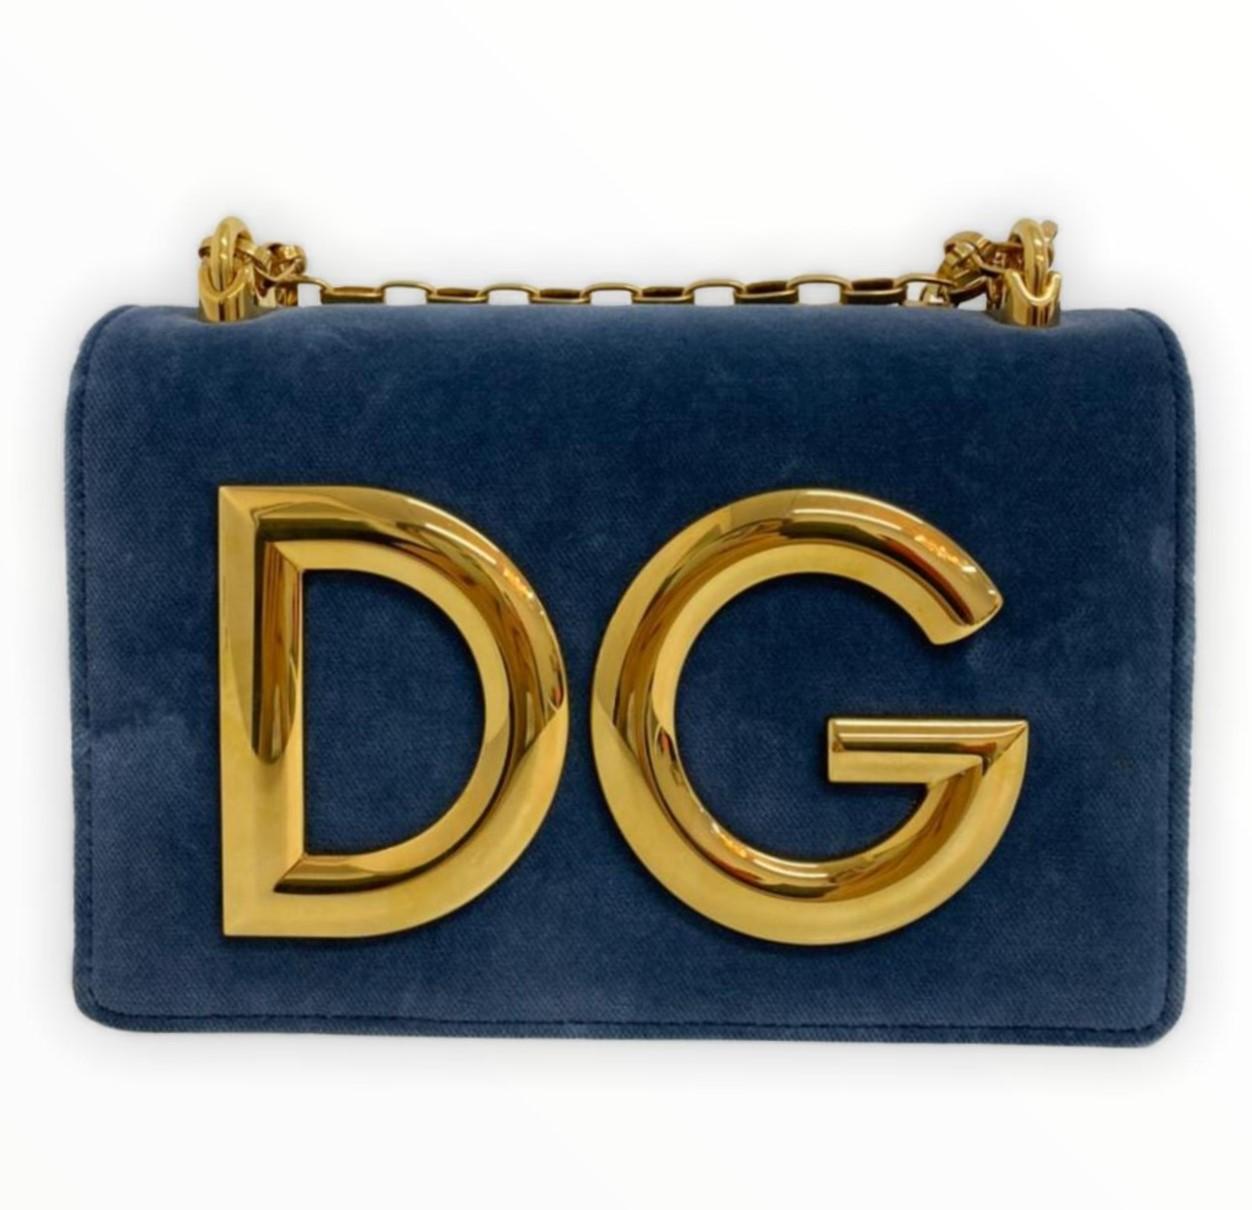 Bolsa Dolce & Gabbana DG Girls